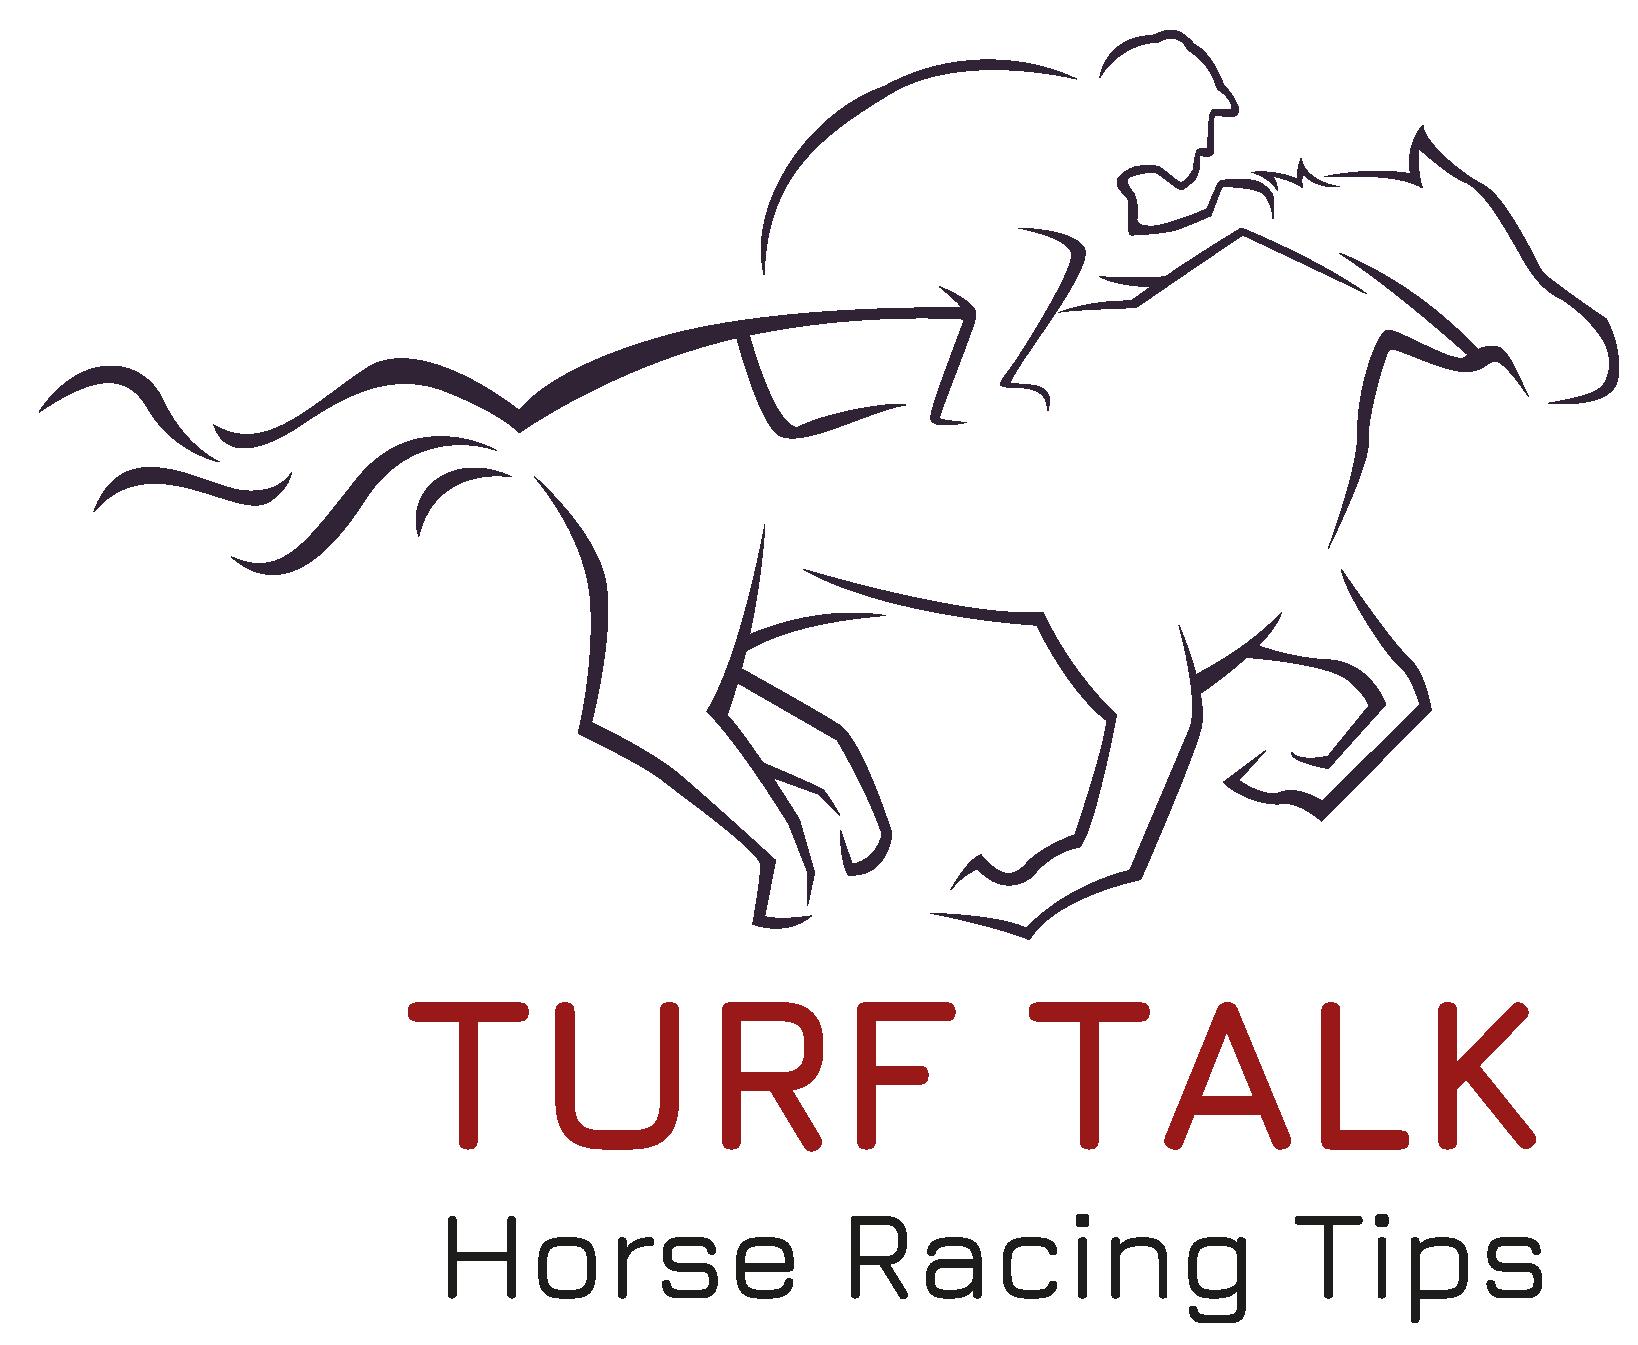 Turf Talk Racing Tips